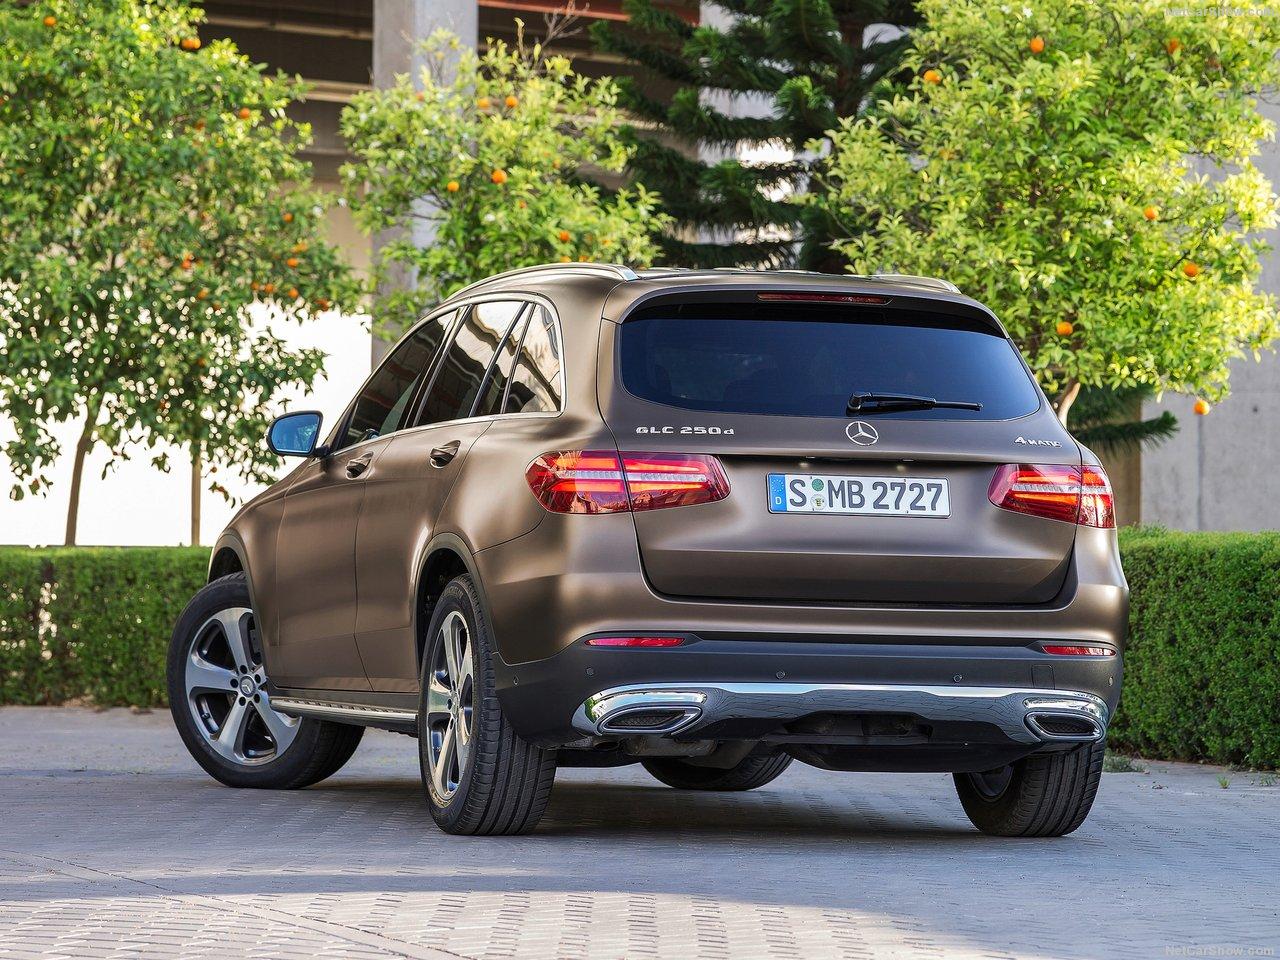 https://www.whatcar.lv/cars/Mercedes-Benz/GLC/461b67fe38ab9aa19f44af90b2a79369.jpg